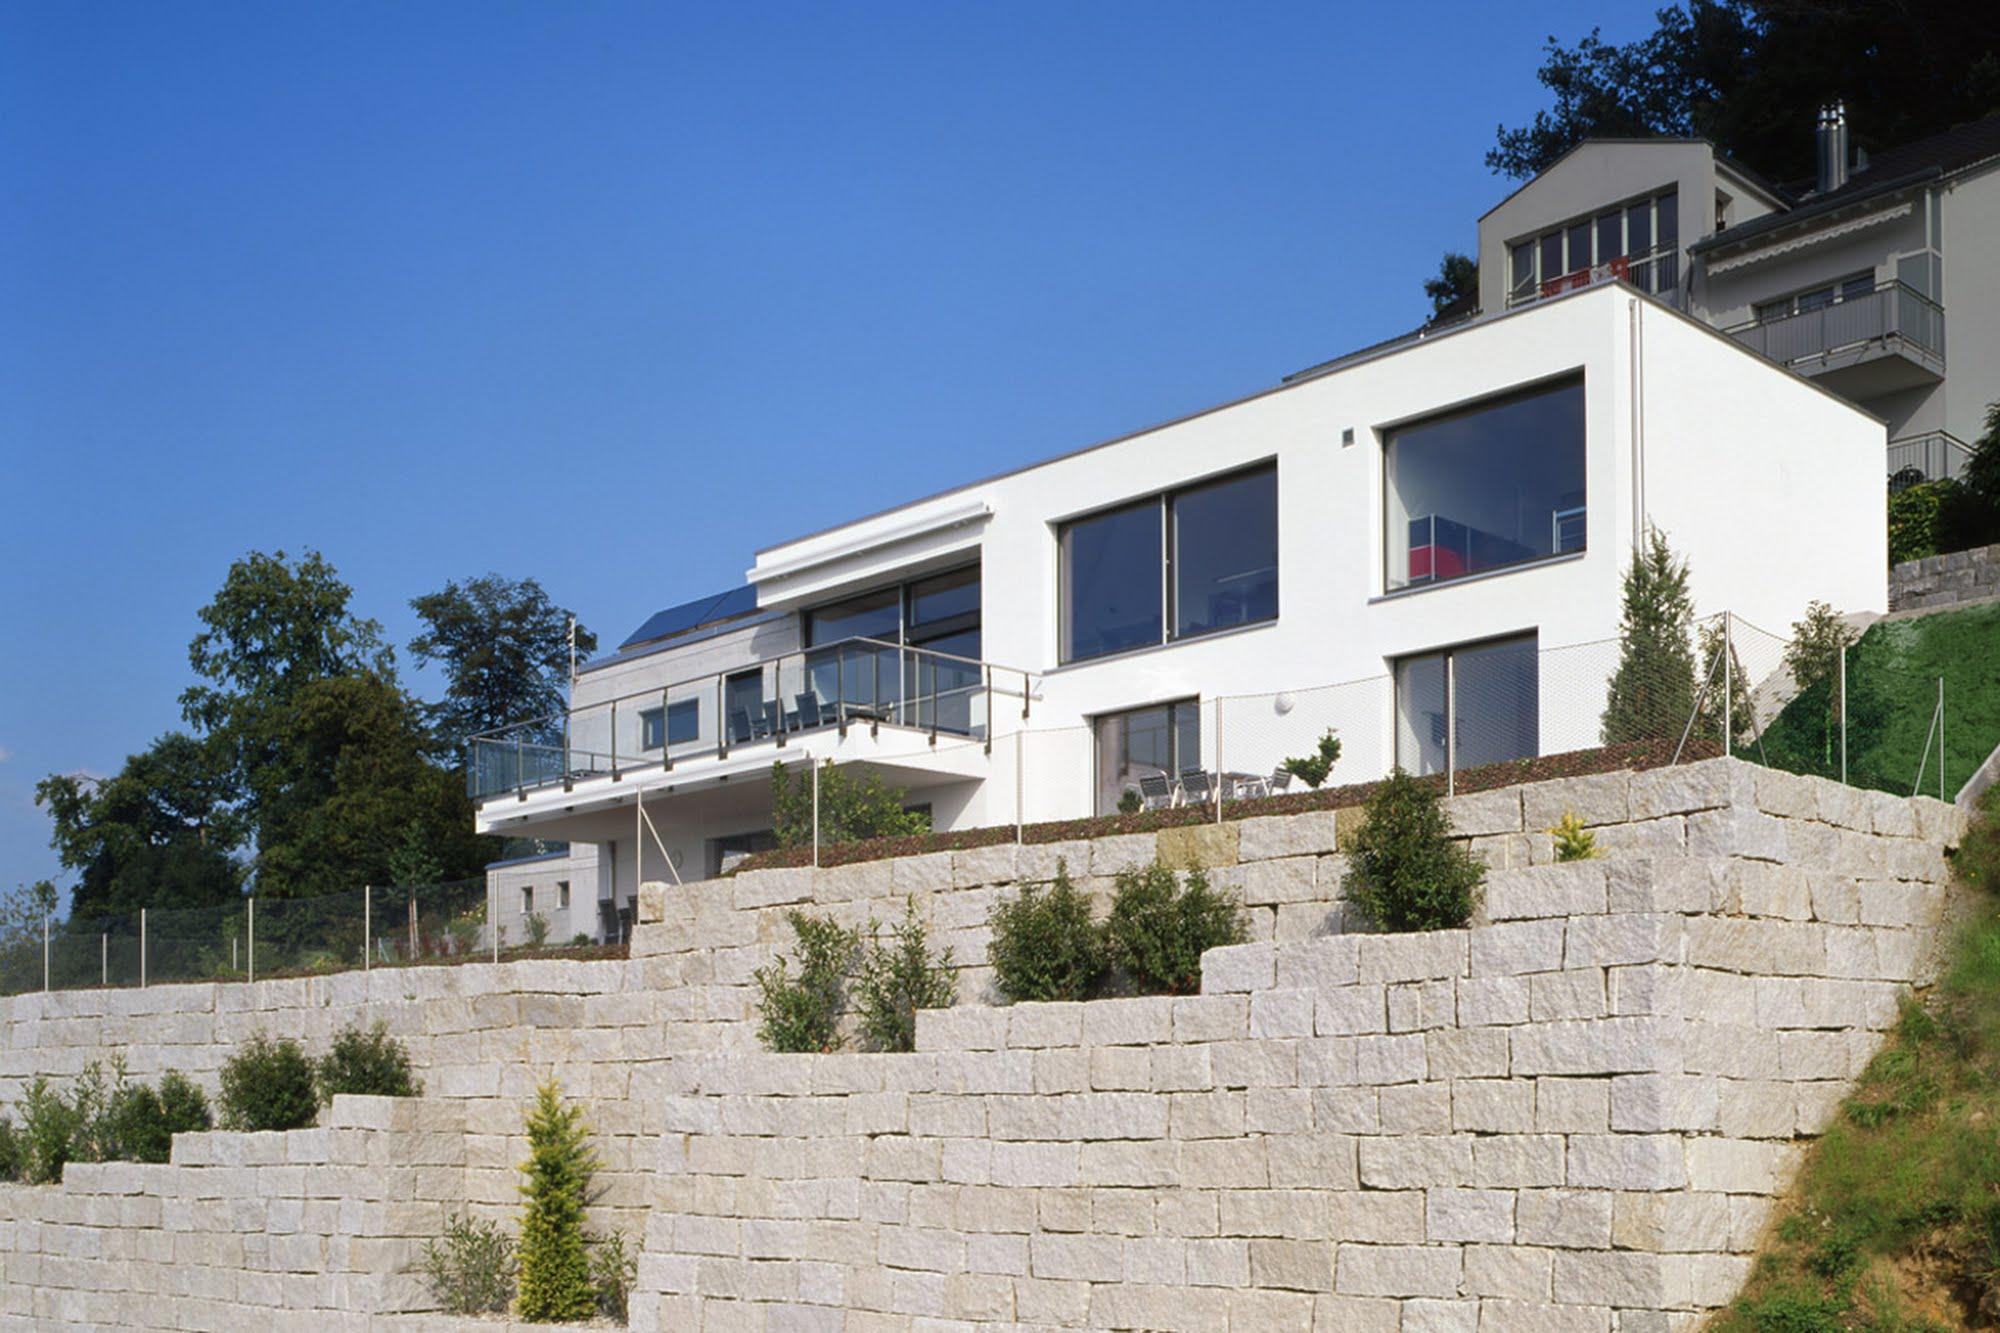 Wohnen EFH EFH in Egolzwil Architektur,Wohnungsbau,Wohnhäuser,Einfamilienhäuser,Mehrfamilienhäuser